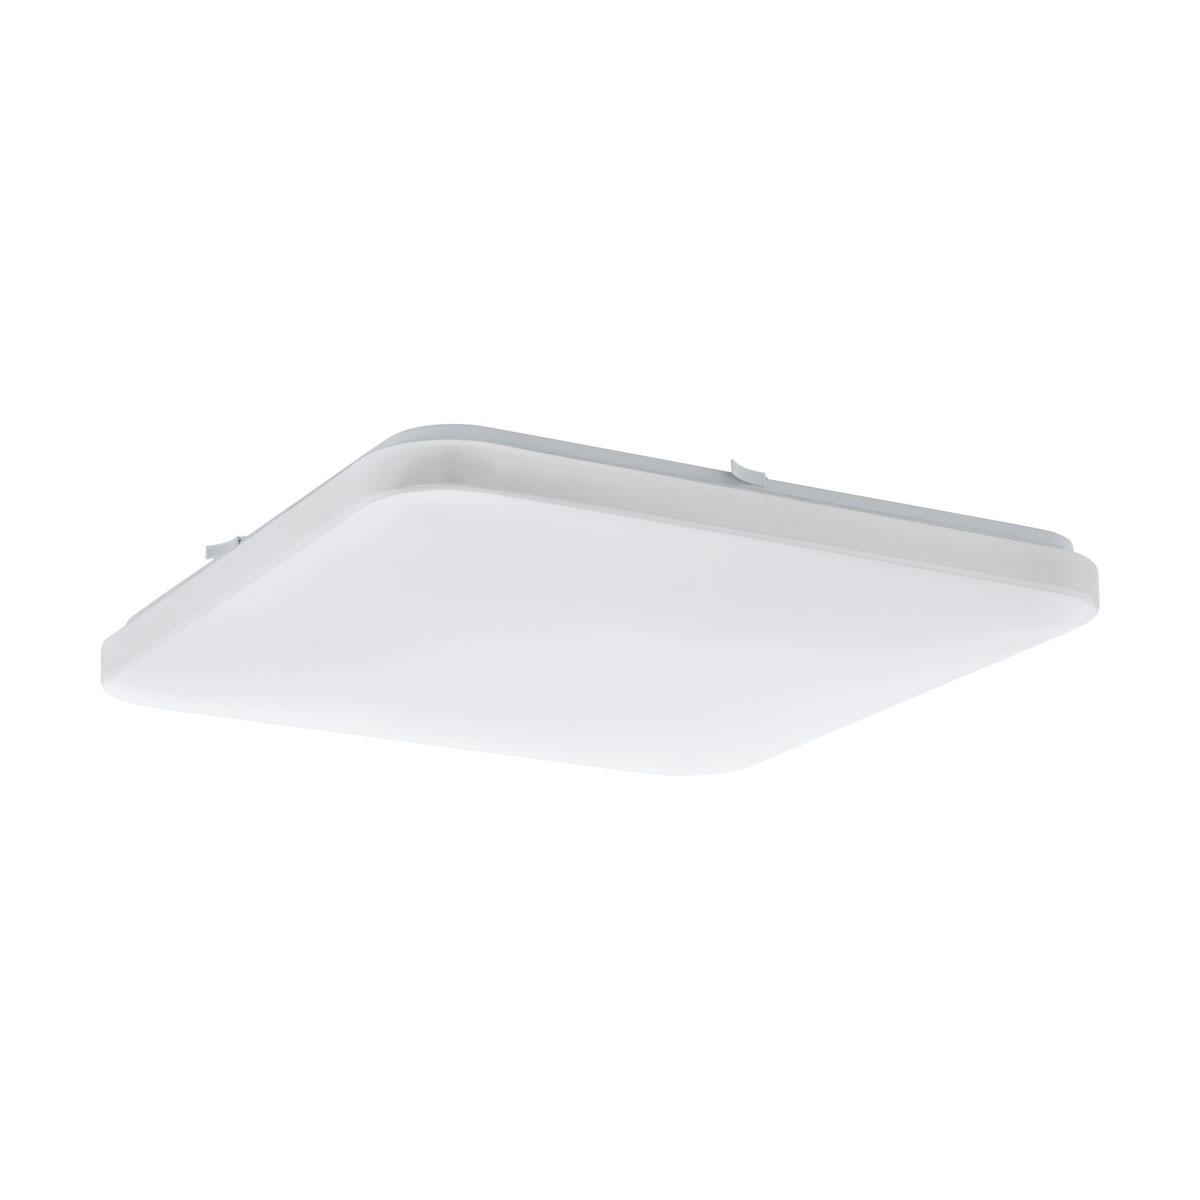 """Deckenleuchten - LED Deckenleuchte """"Frania"""", 43x43cm, weiß 43x43 cm cm  - Onlineshop Hellweg"""